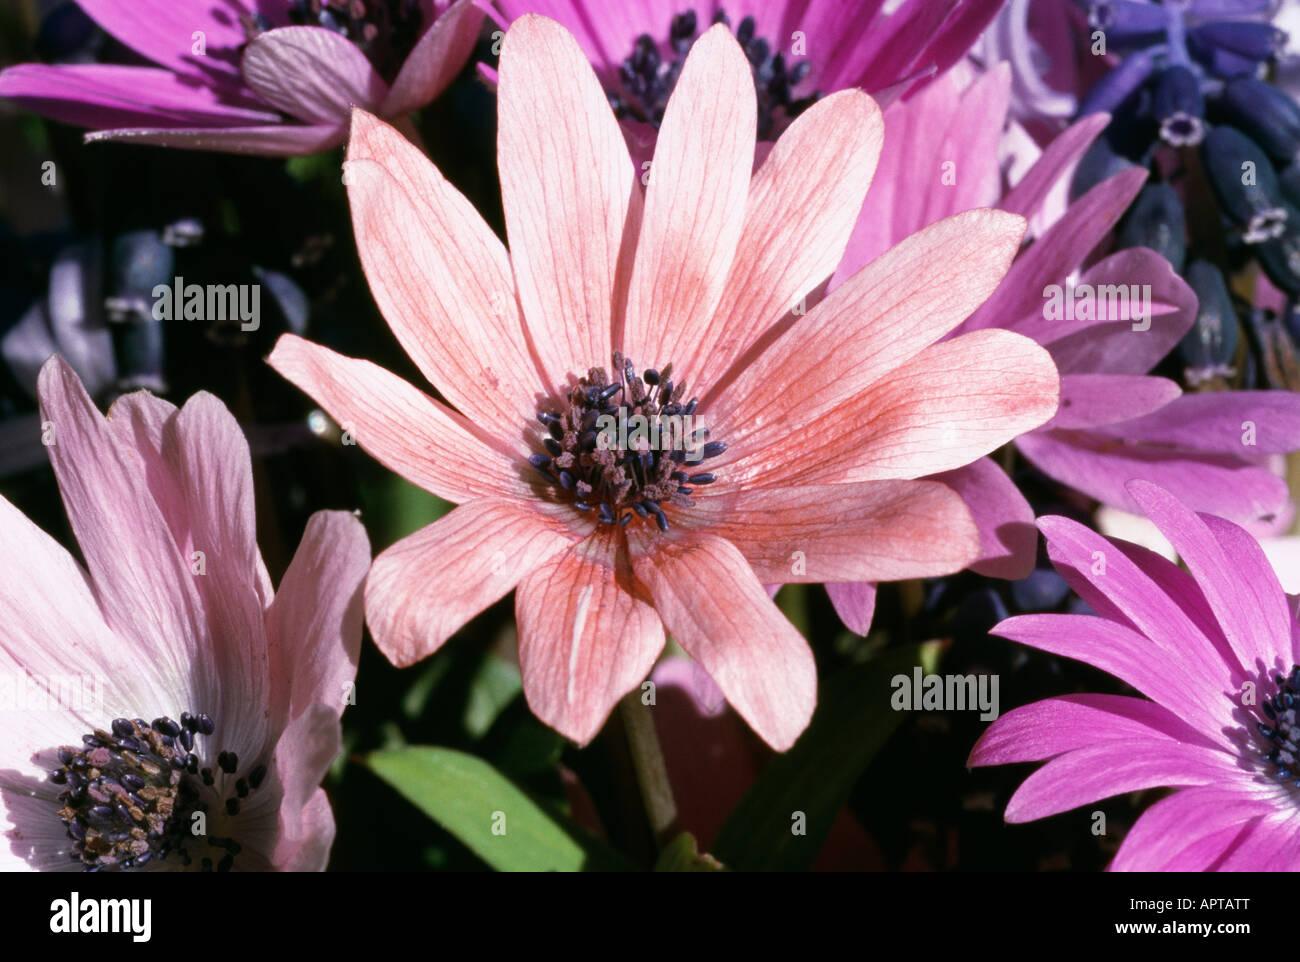 Anemone Blanda Schattierungen von rosa und blau, wenn der Frühling ist zurück Stockbild